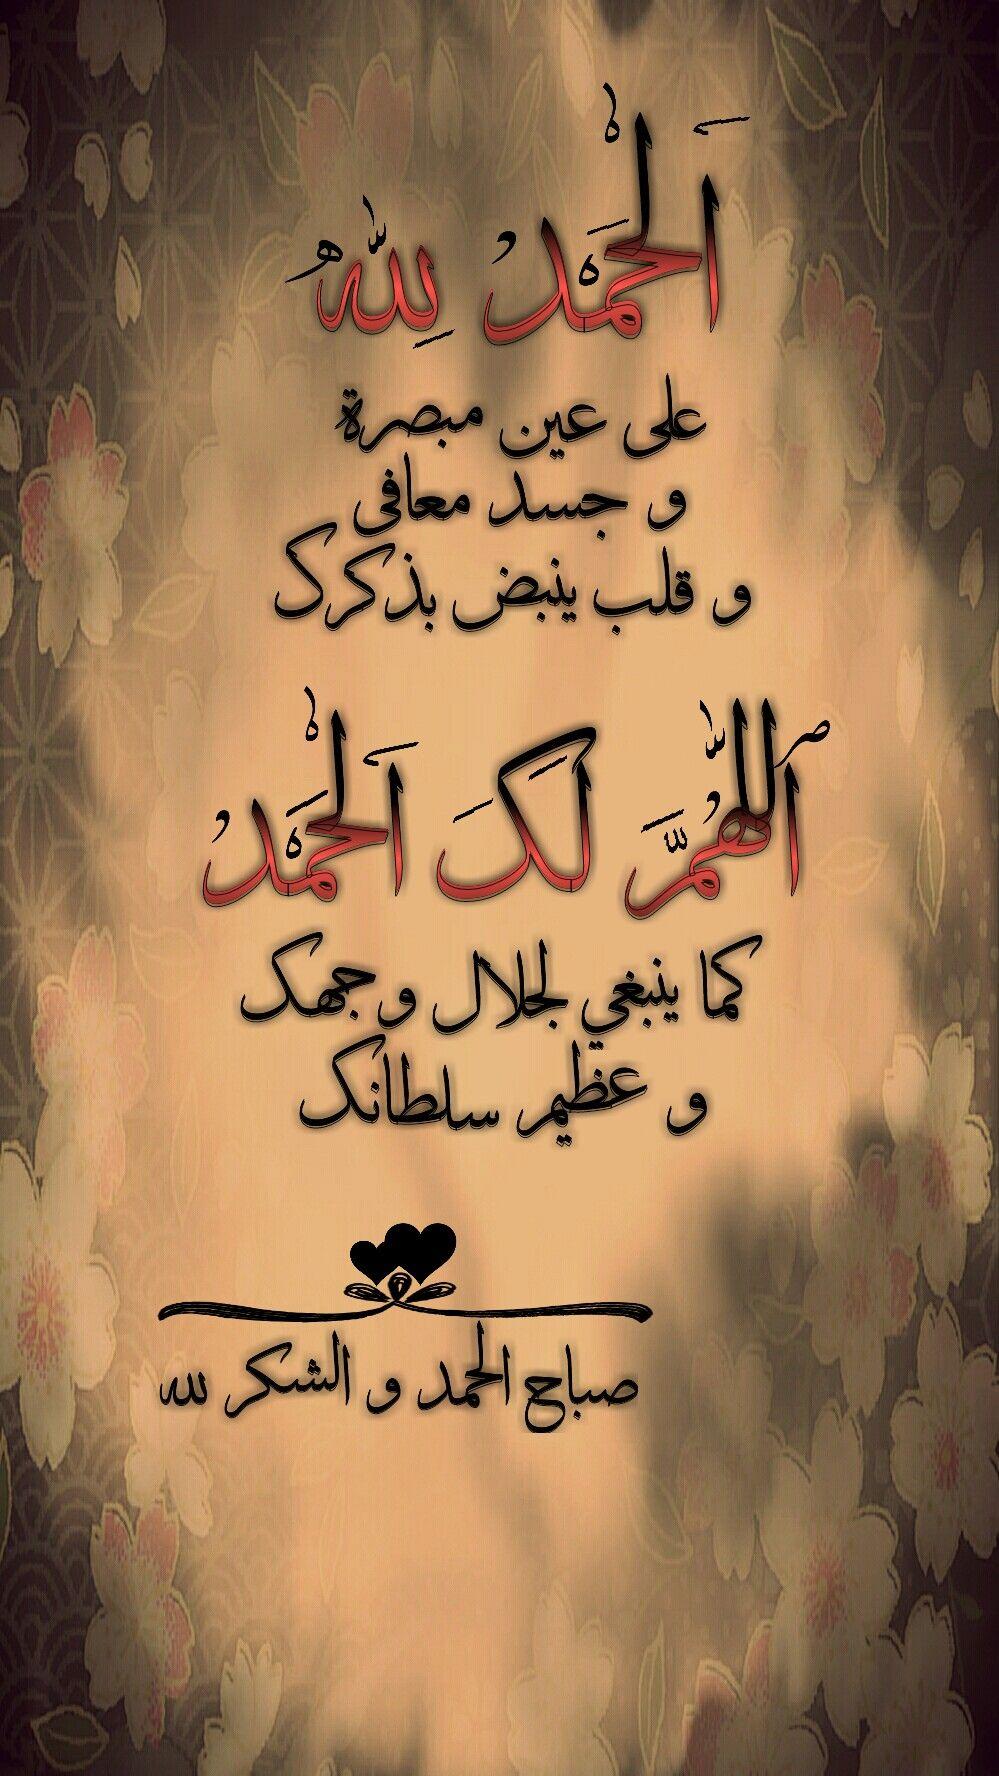 الحمد لله على كل حال Good Morning Quotes Good Morning Arabic Good Morning Greetings